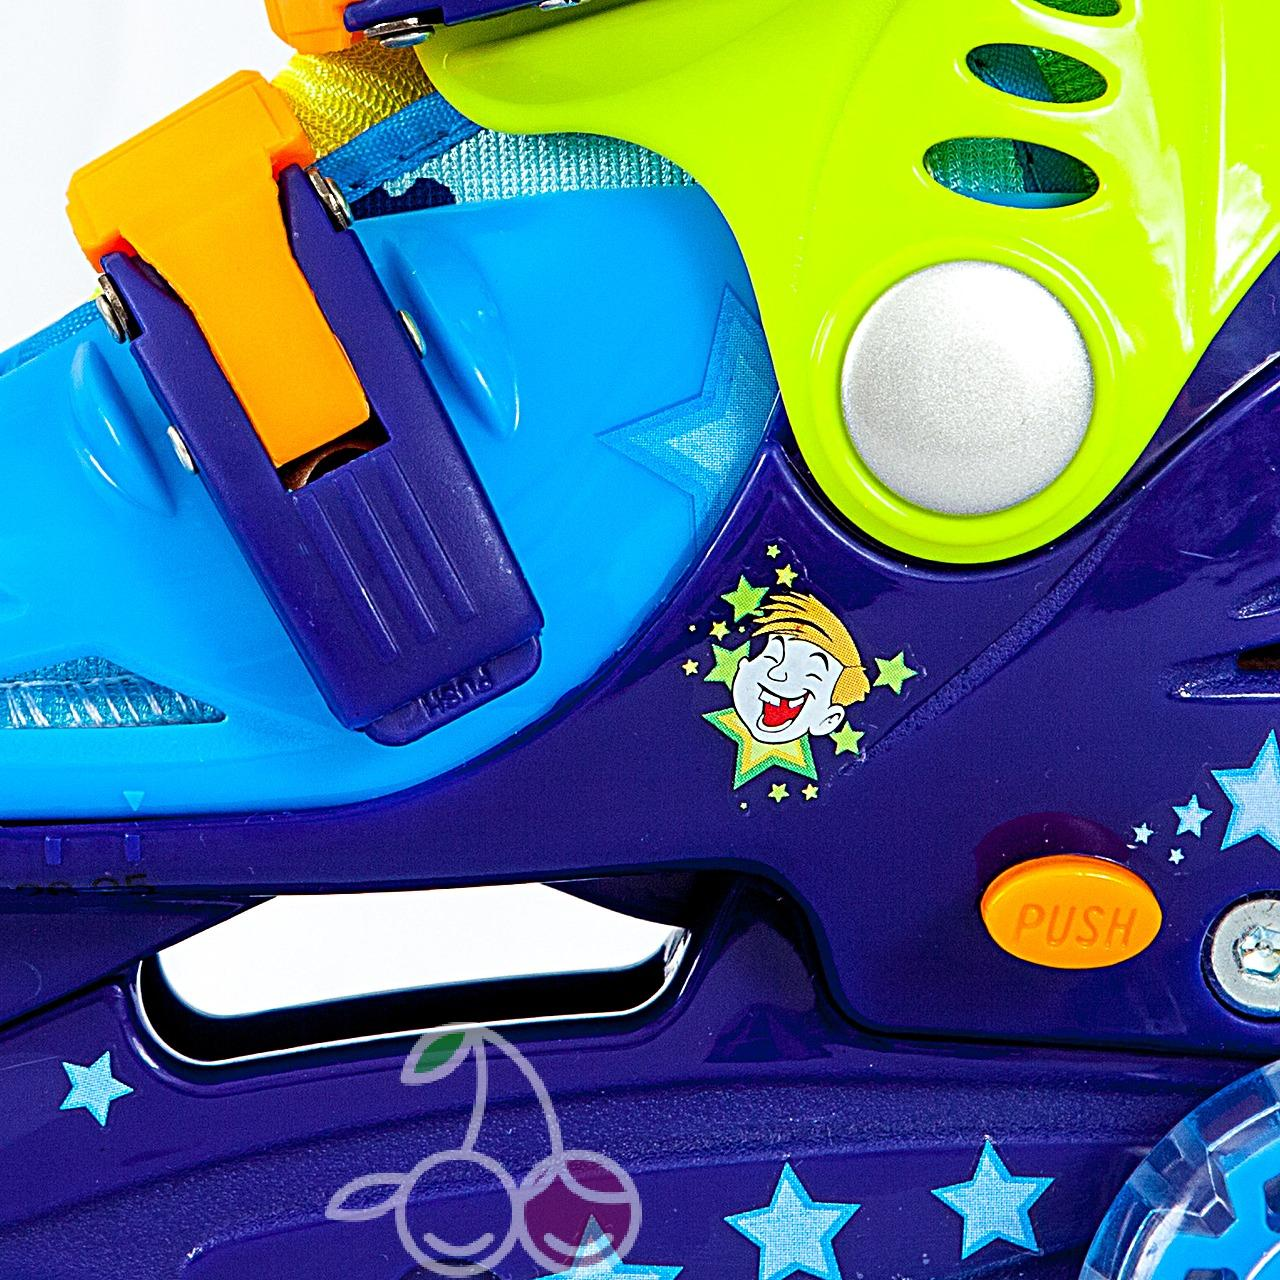 Роликовые коньки детские 28 размер, для обучения (трехколесные, раздвижной ботинок) MagicWheels зеленые, - фото 2